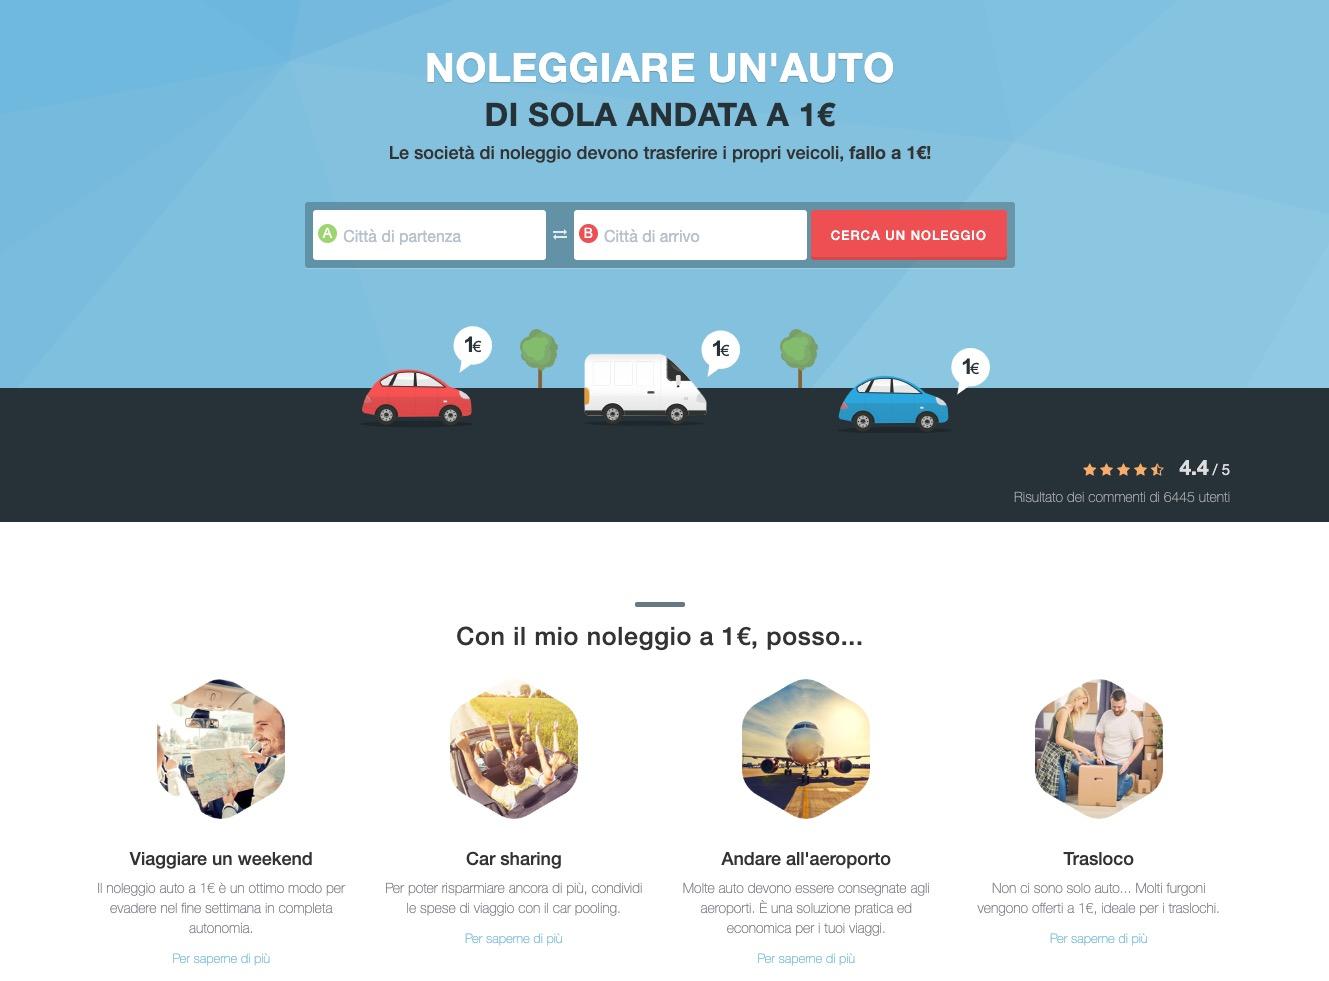 DriiveMe Italia: come funziona il noleggio auto a 1 € per 24 ore